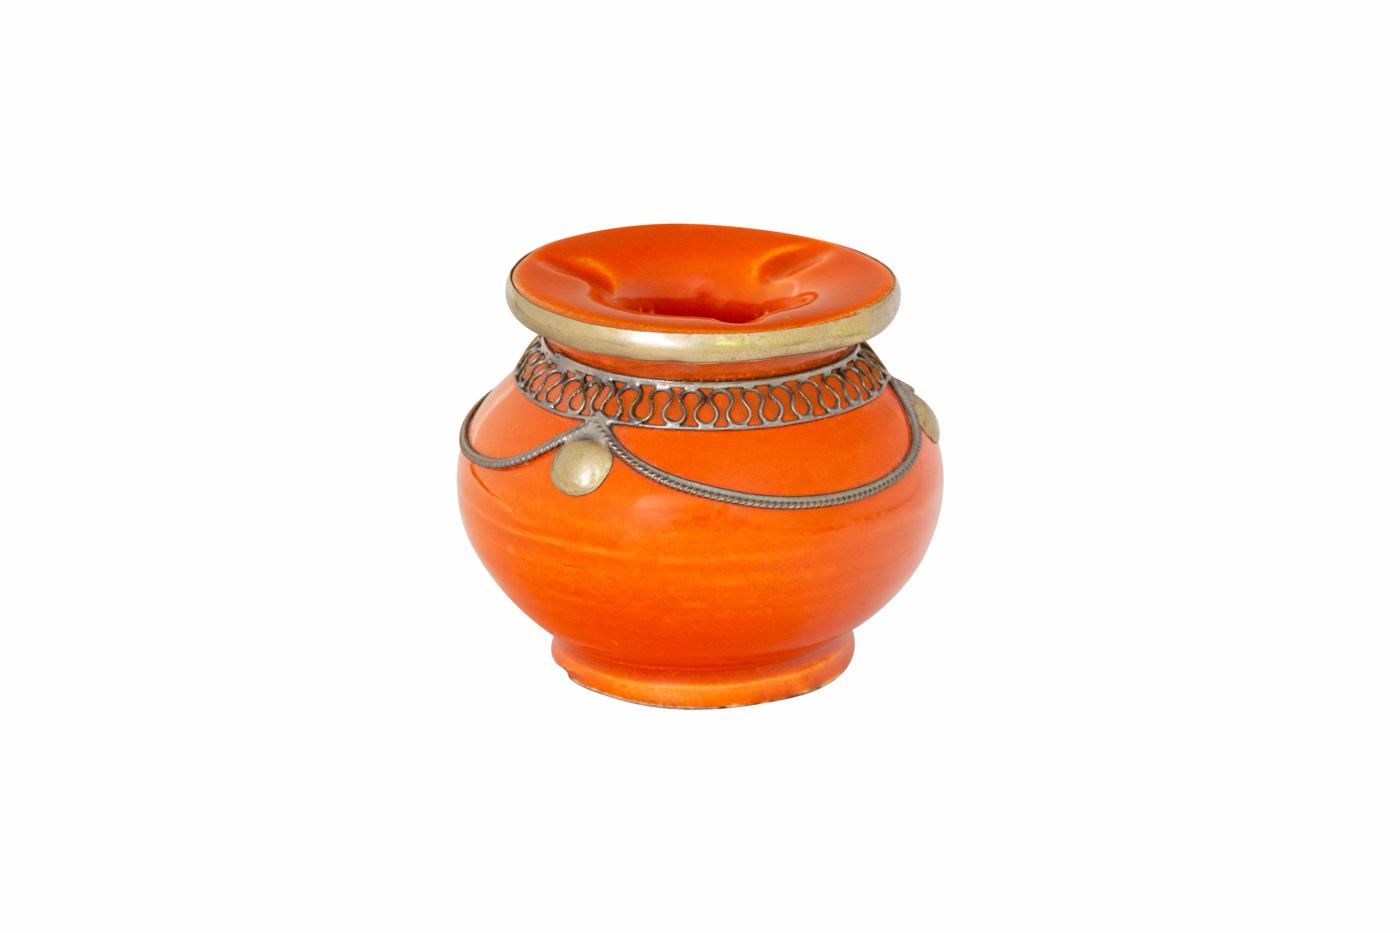 Moroccan ashtray in ceramic and metal, orange small